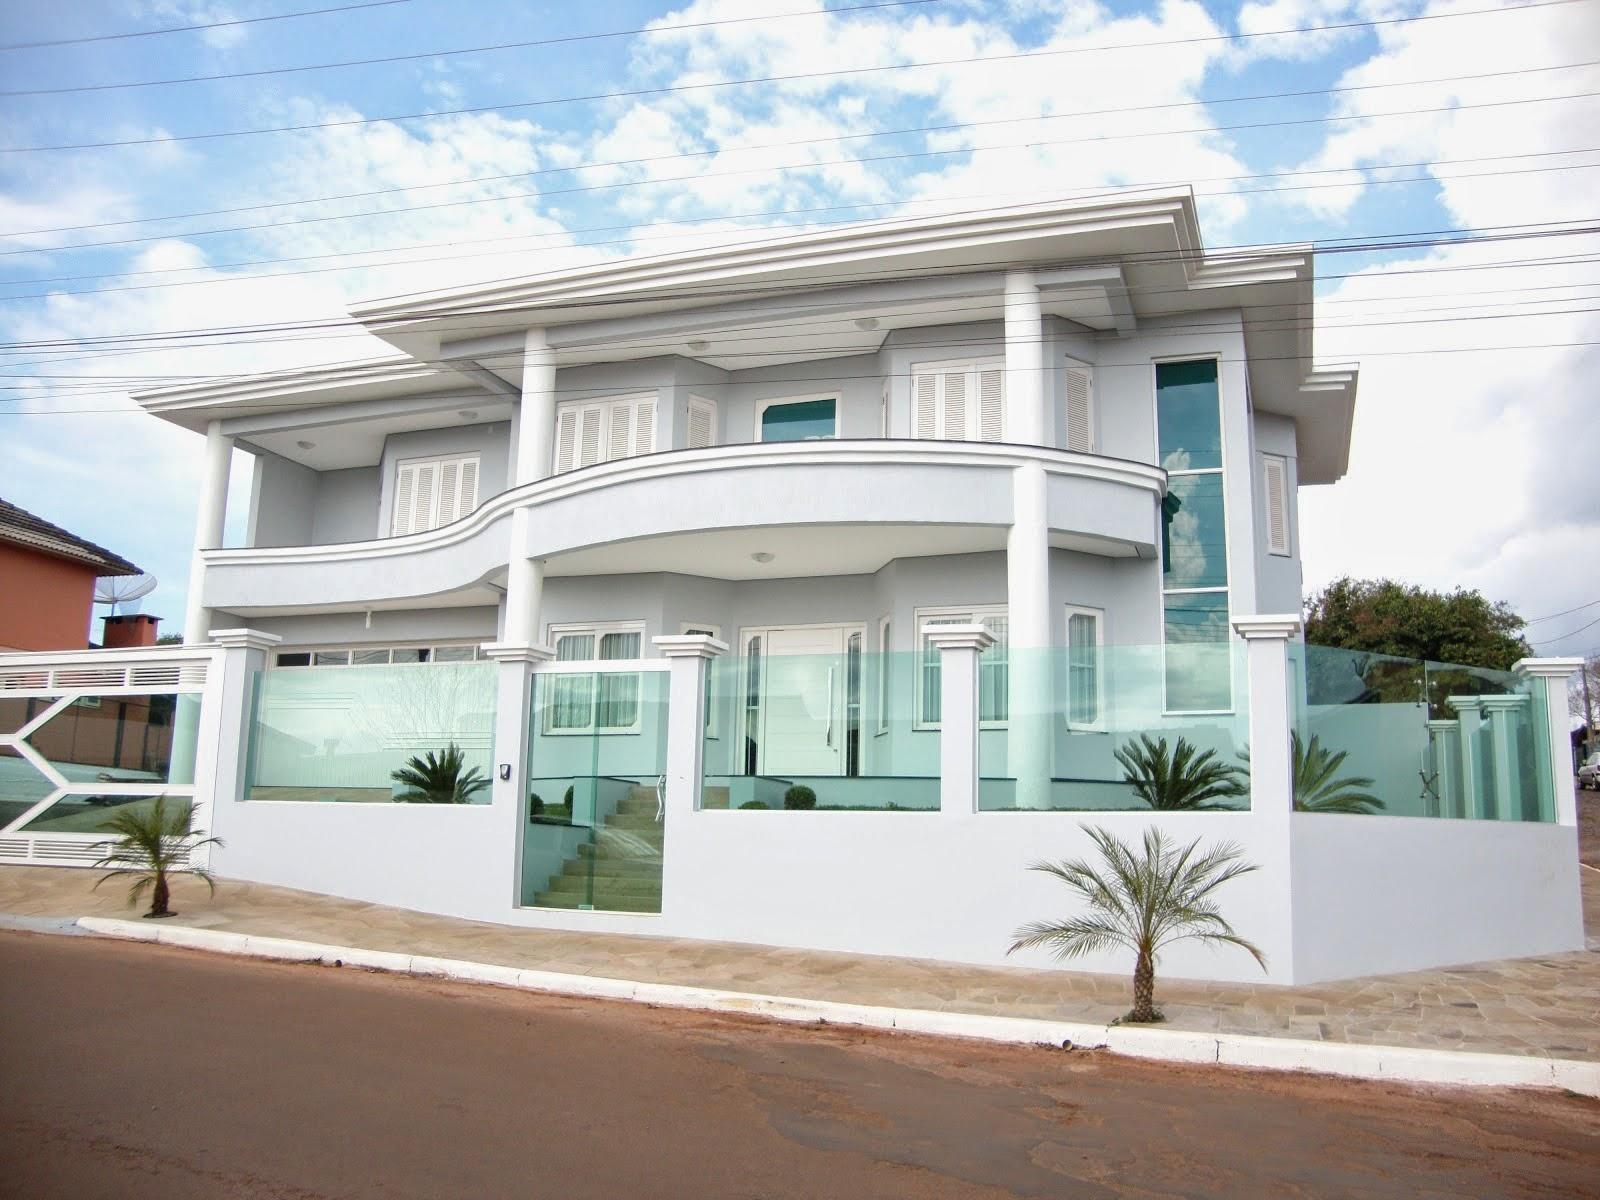 #366D95 Muros de Vidro veja 20 fachadas de casas com essa tendência  390 Janelas De Vidro Verde Ou Transparente